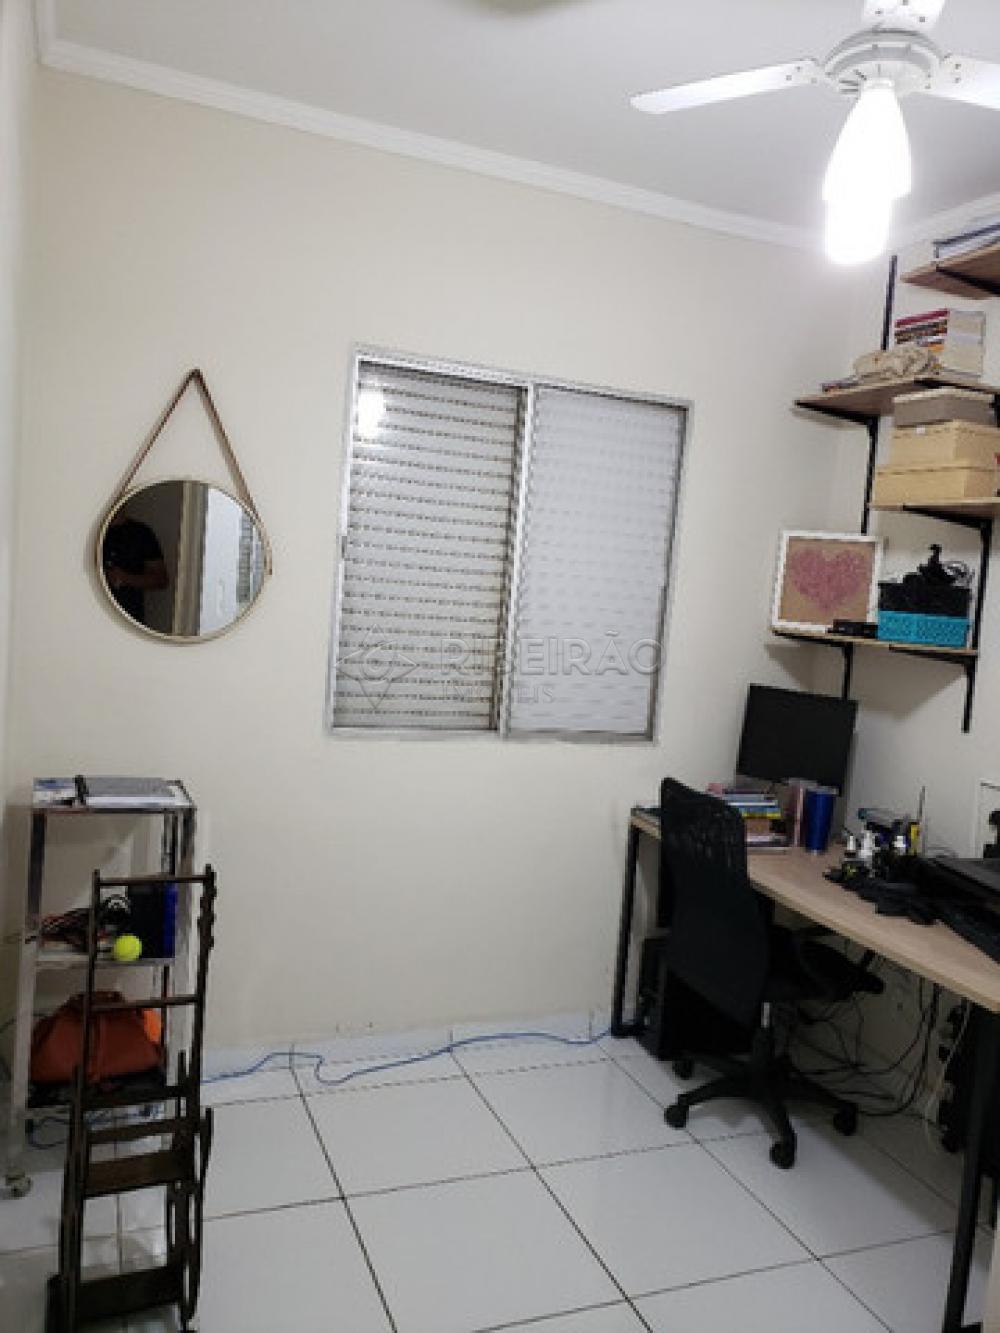 Comprar Apartamento / Padrão em Ribeirão Preto apenas R$ 141.000,00 - Foto 11